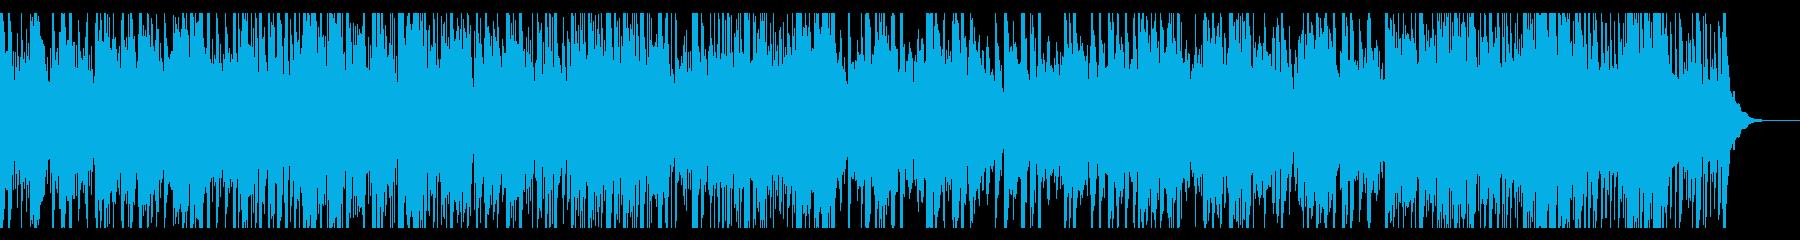 生音・陽気で楽しいブルーグラスの再生済みの波形